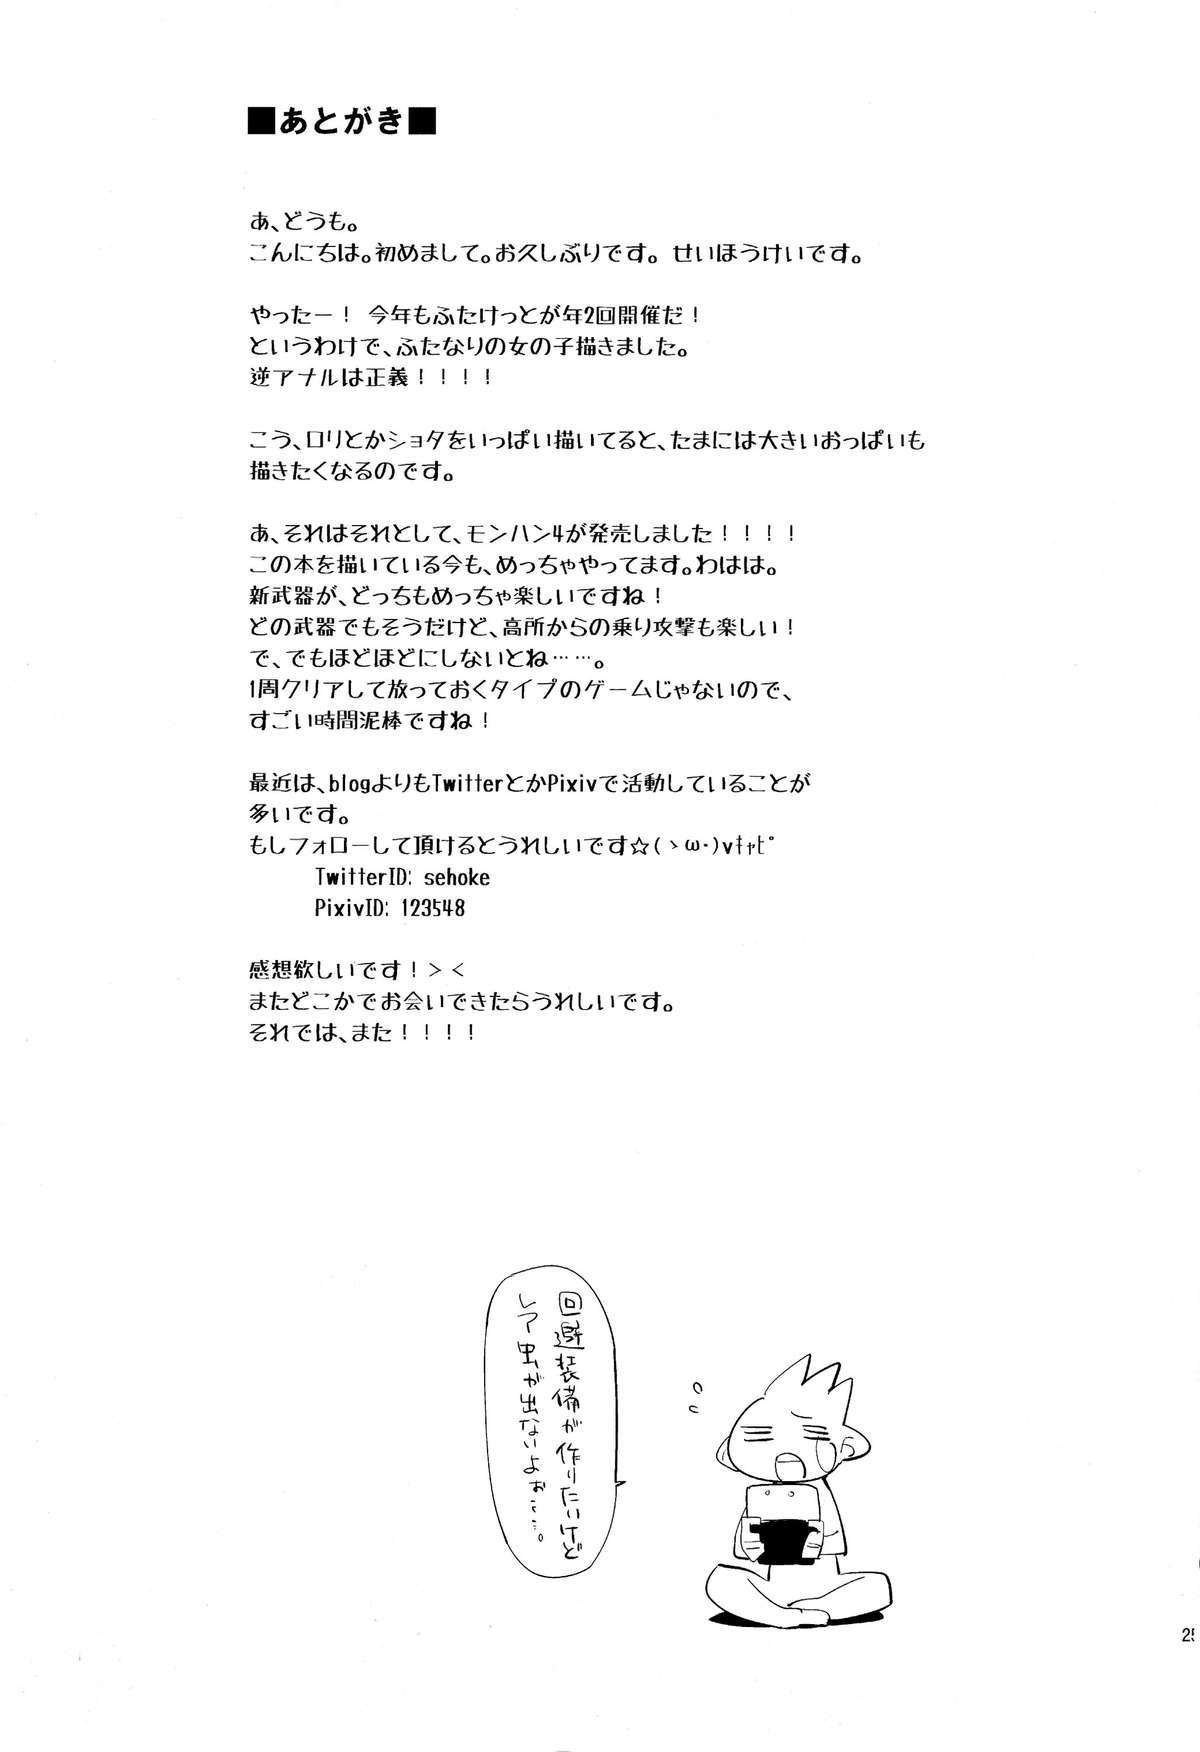 Osananajimi no Wagamama Futanari Ochinchin 24